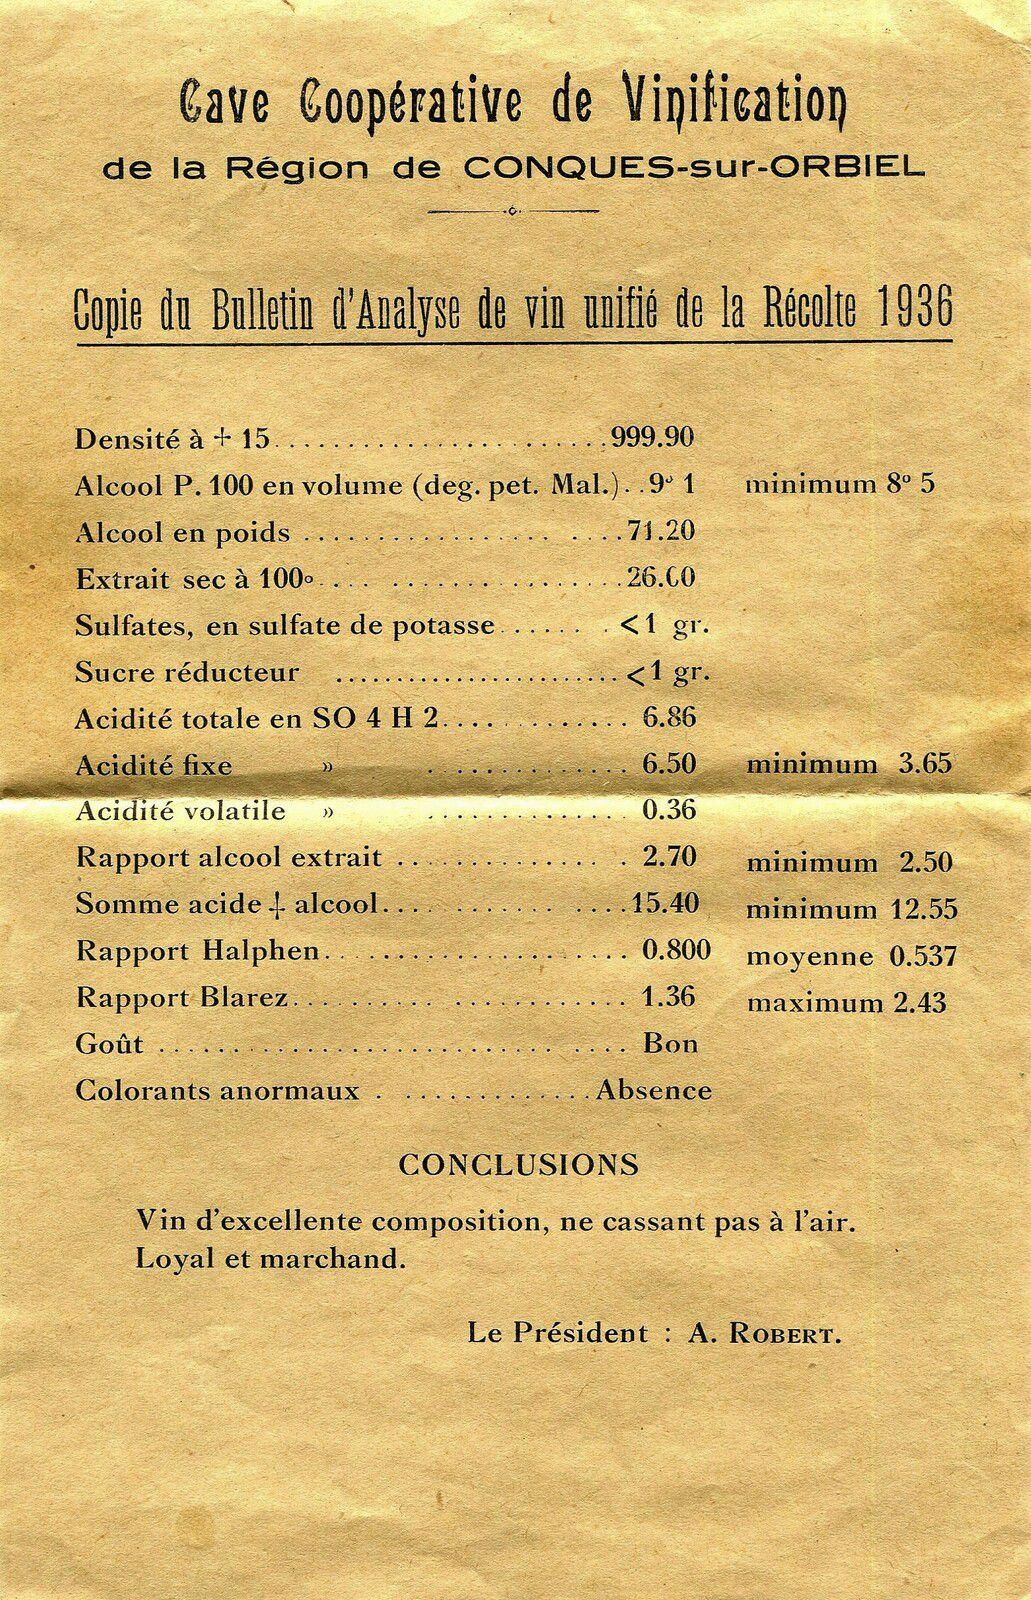 Bulletins d'analyse des vins.